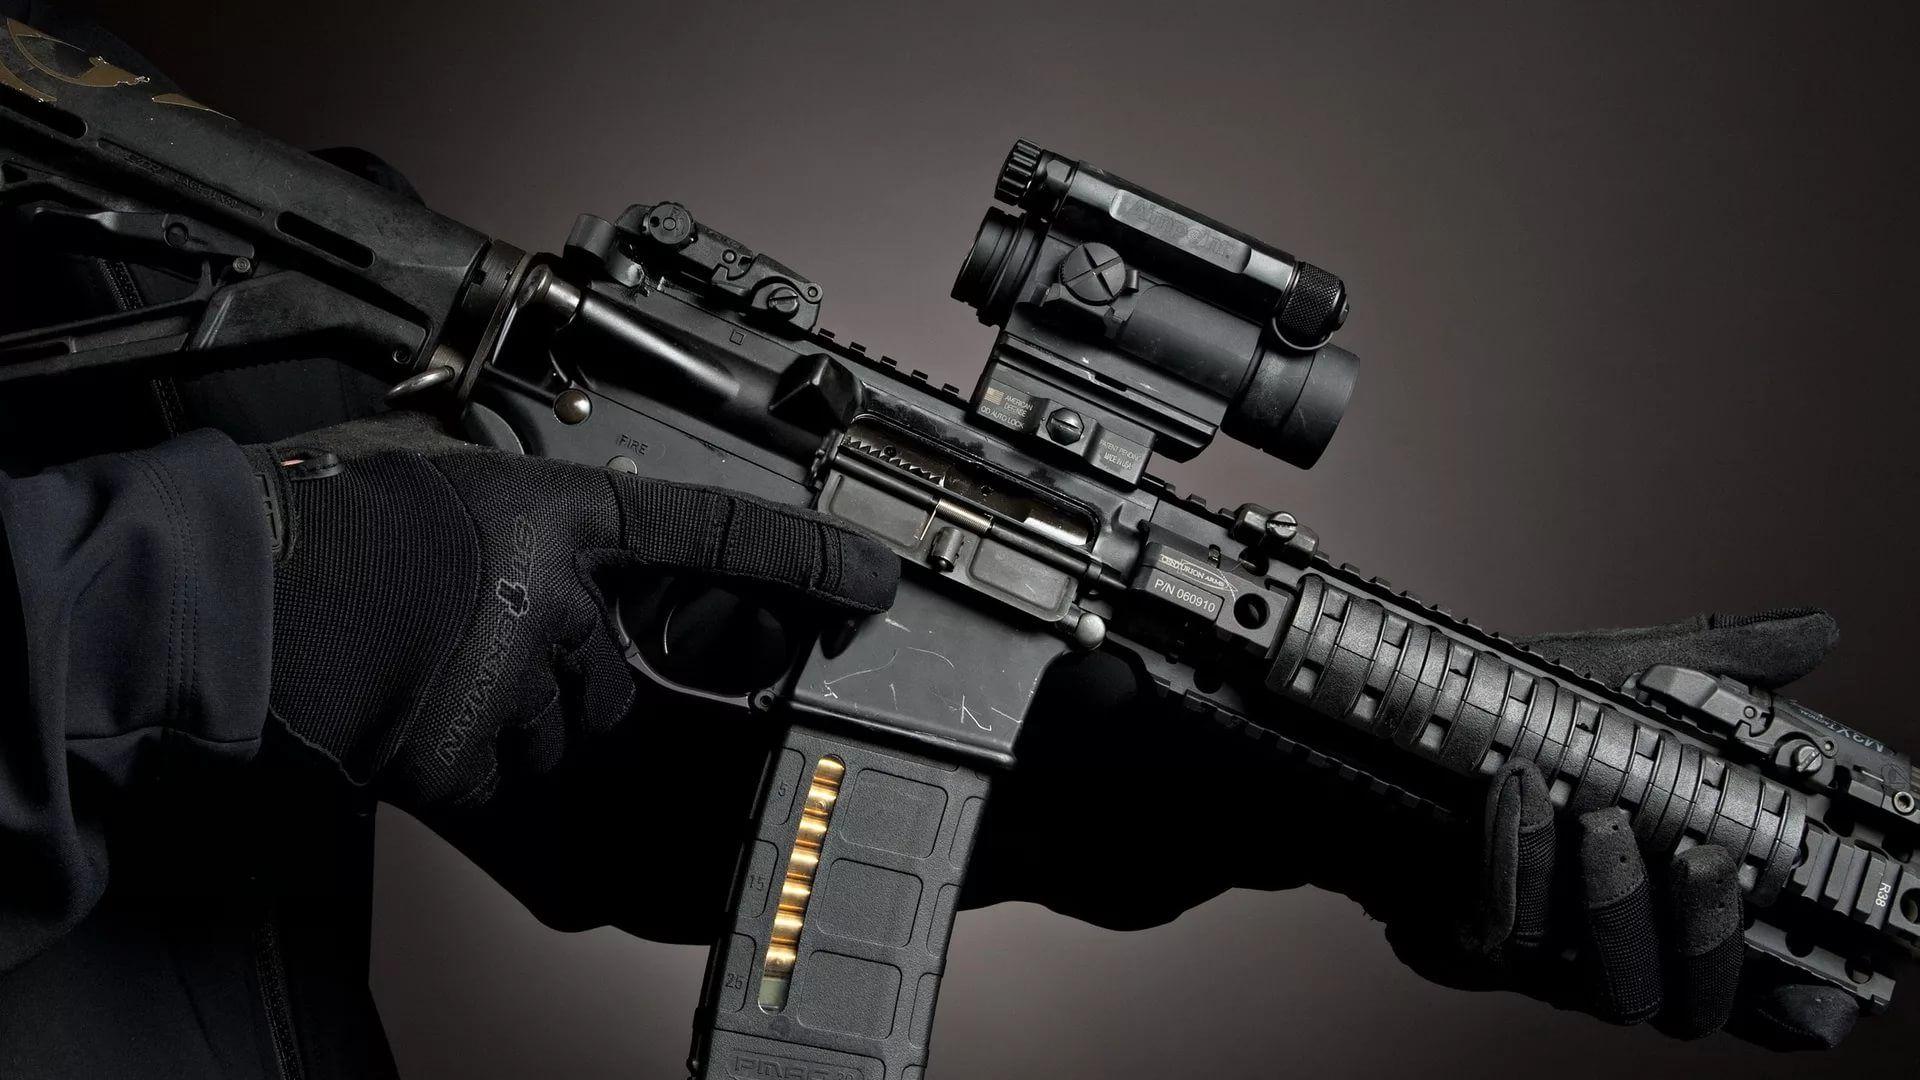 Gun For Desktop wallpaper image hd